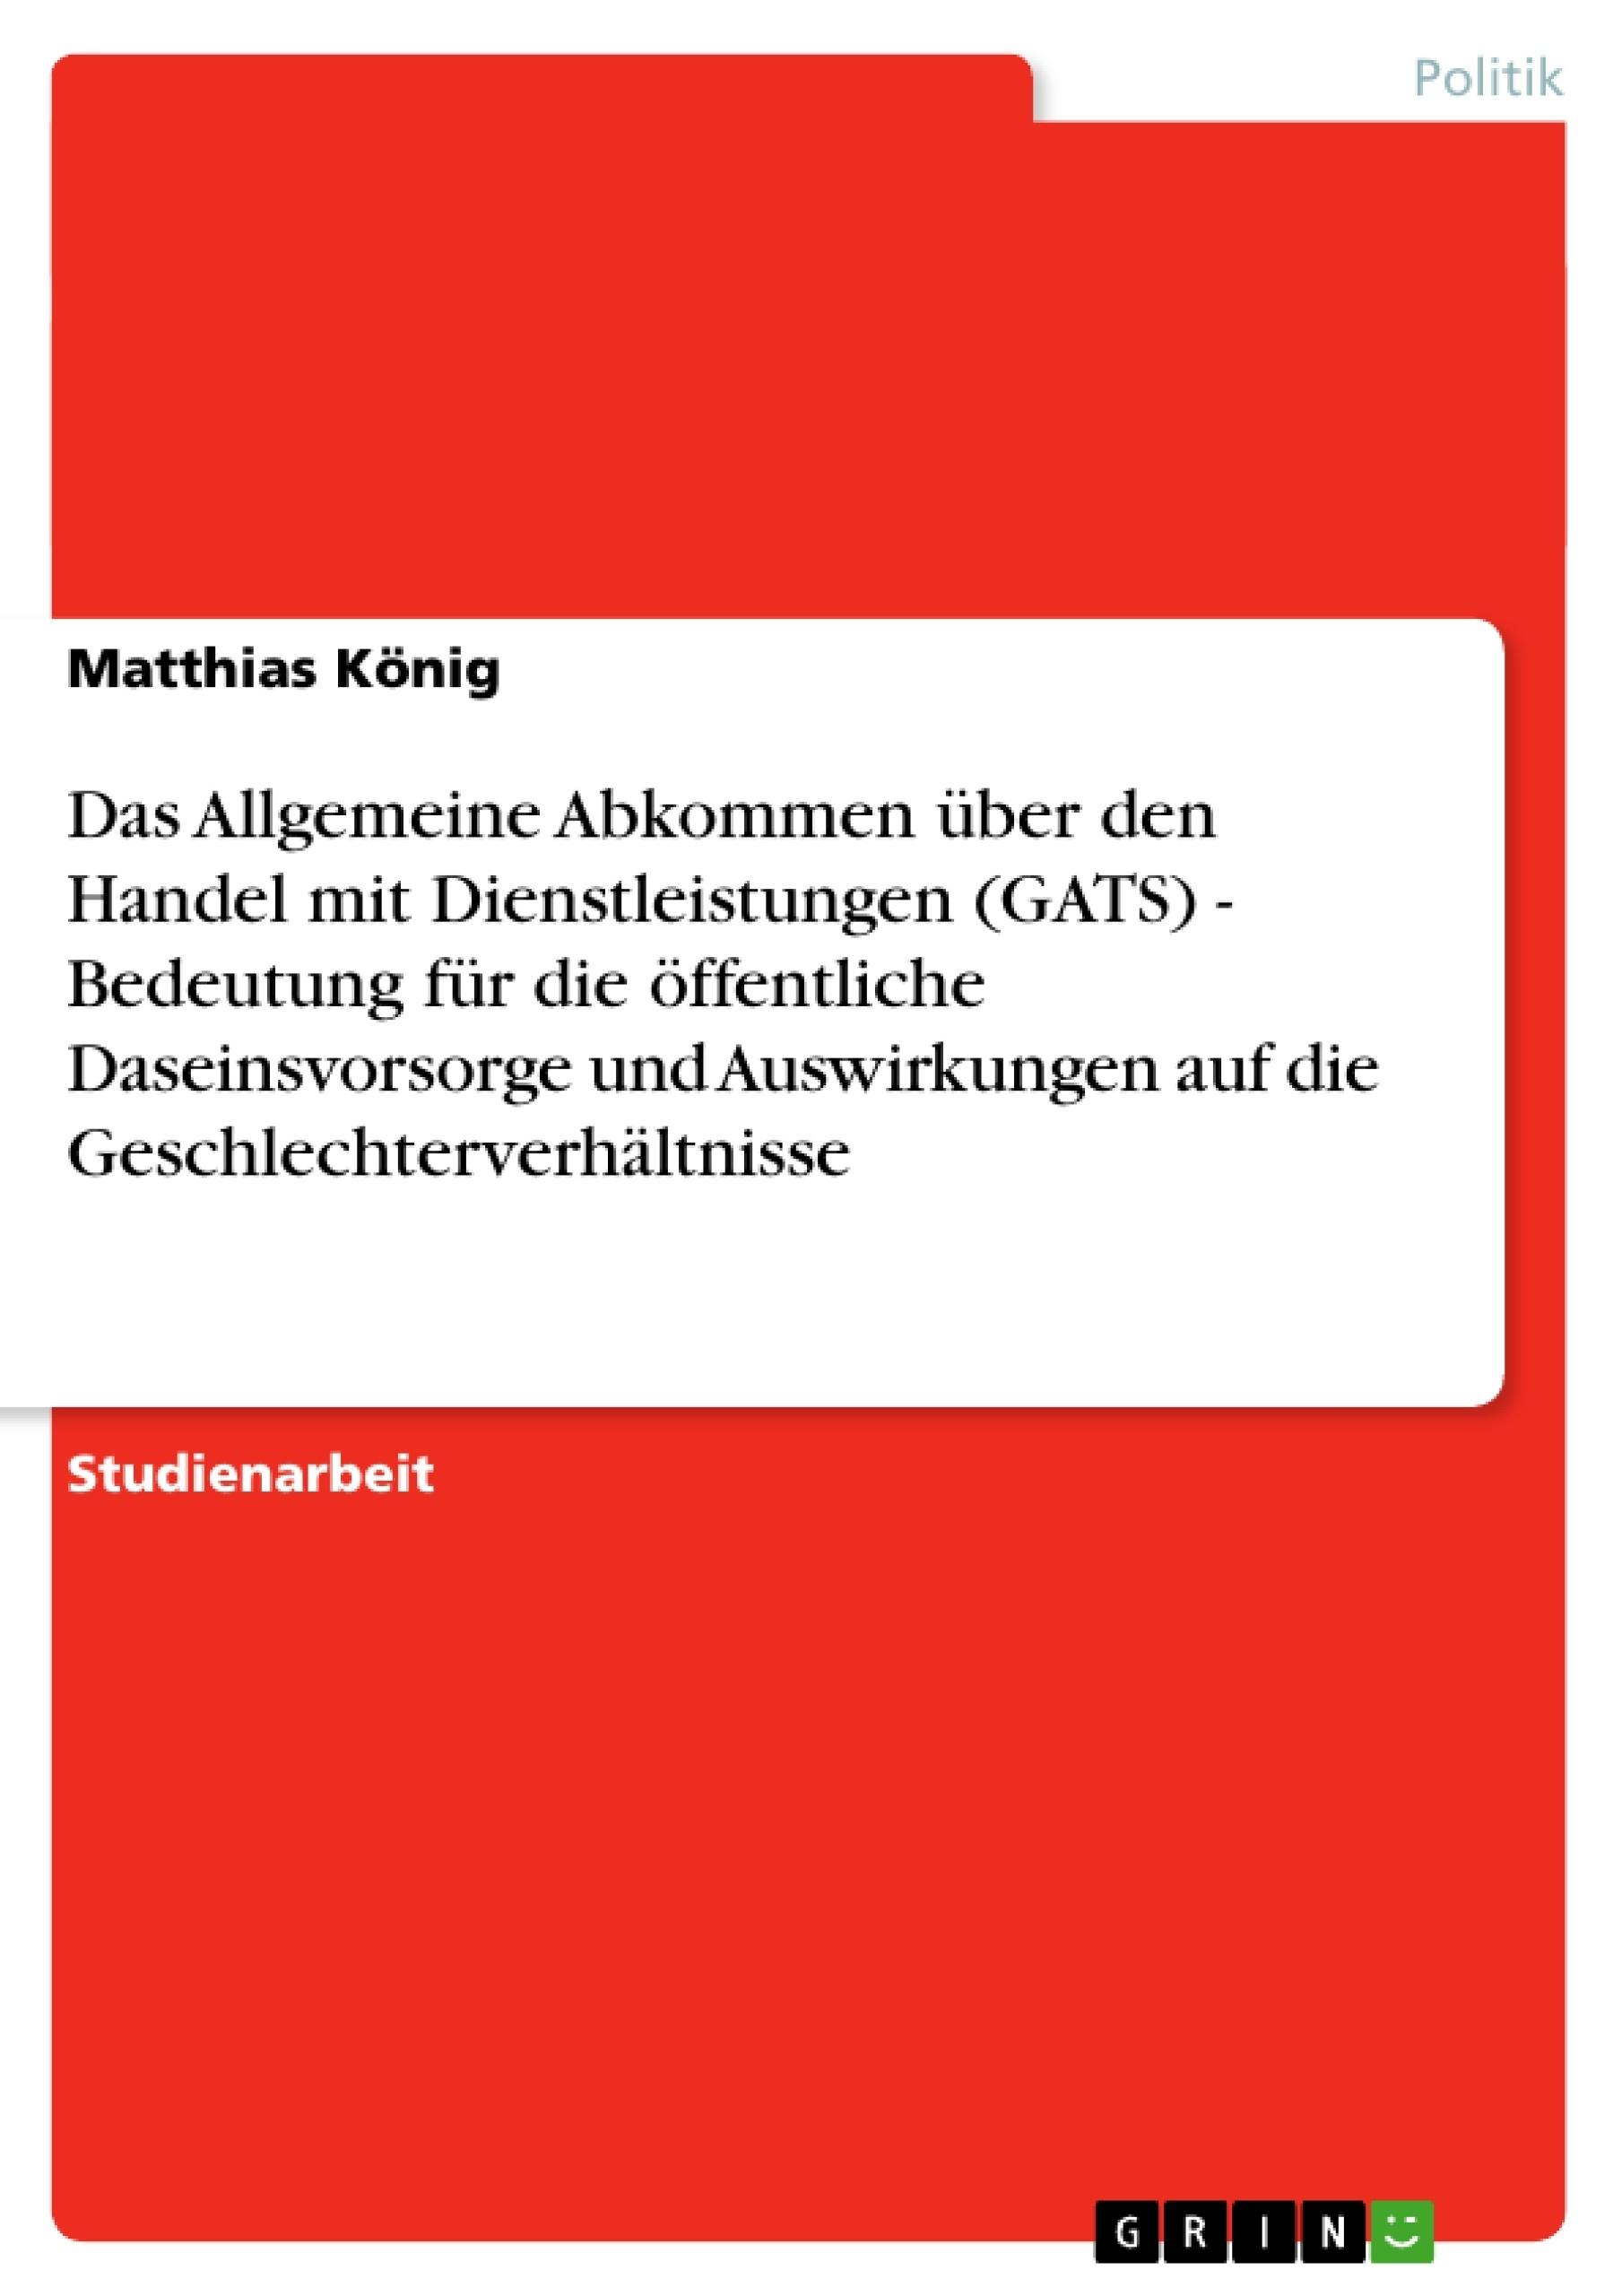 Titel: Das Allgemeine Abkommen über den Handel mit Dienstleistungen (GATS) - Bedeutung für die öffentliche Daseinsvorsorge und Auswirkungen auf die Geschlechterverhältnisse